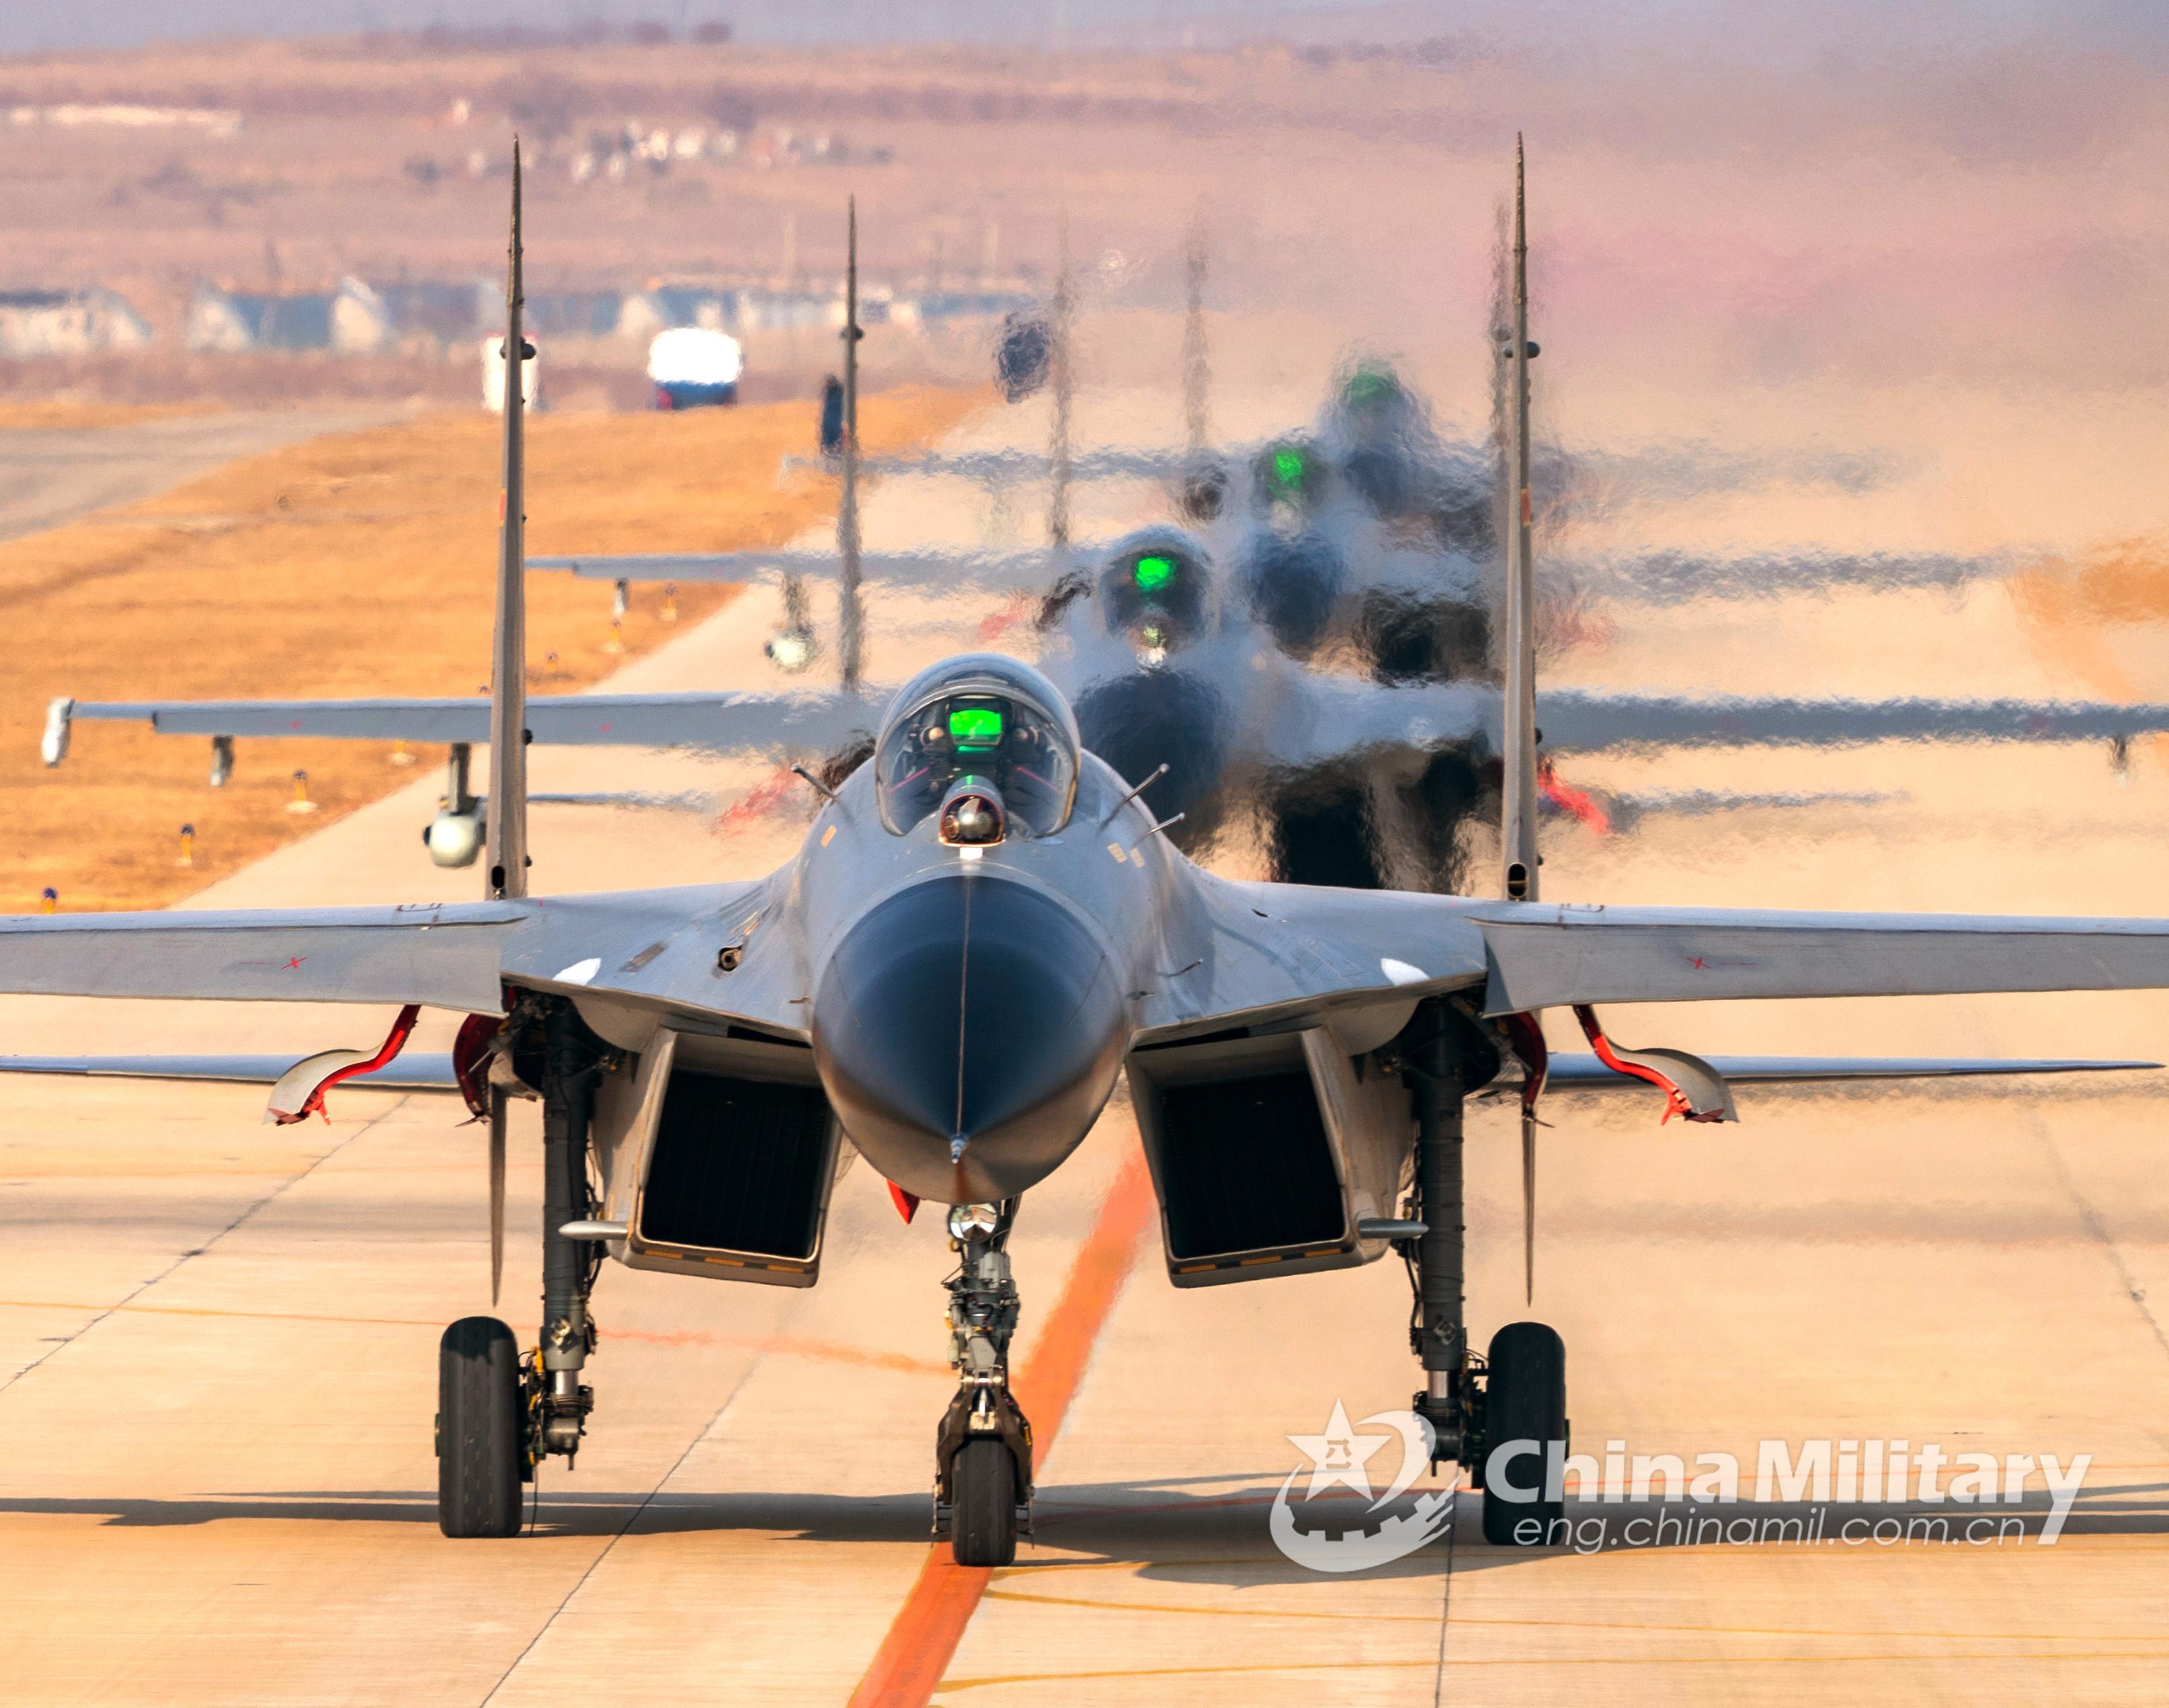 歼-11战斗机最新猛照曝光列队滑行起飞训练